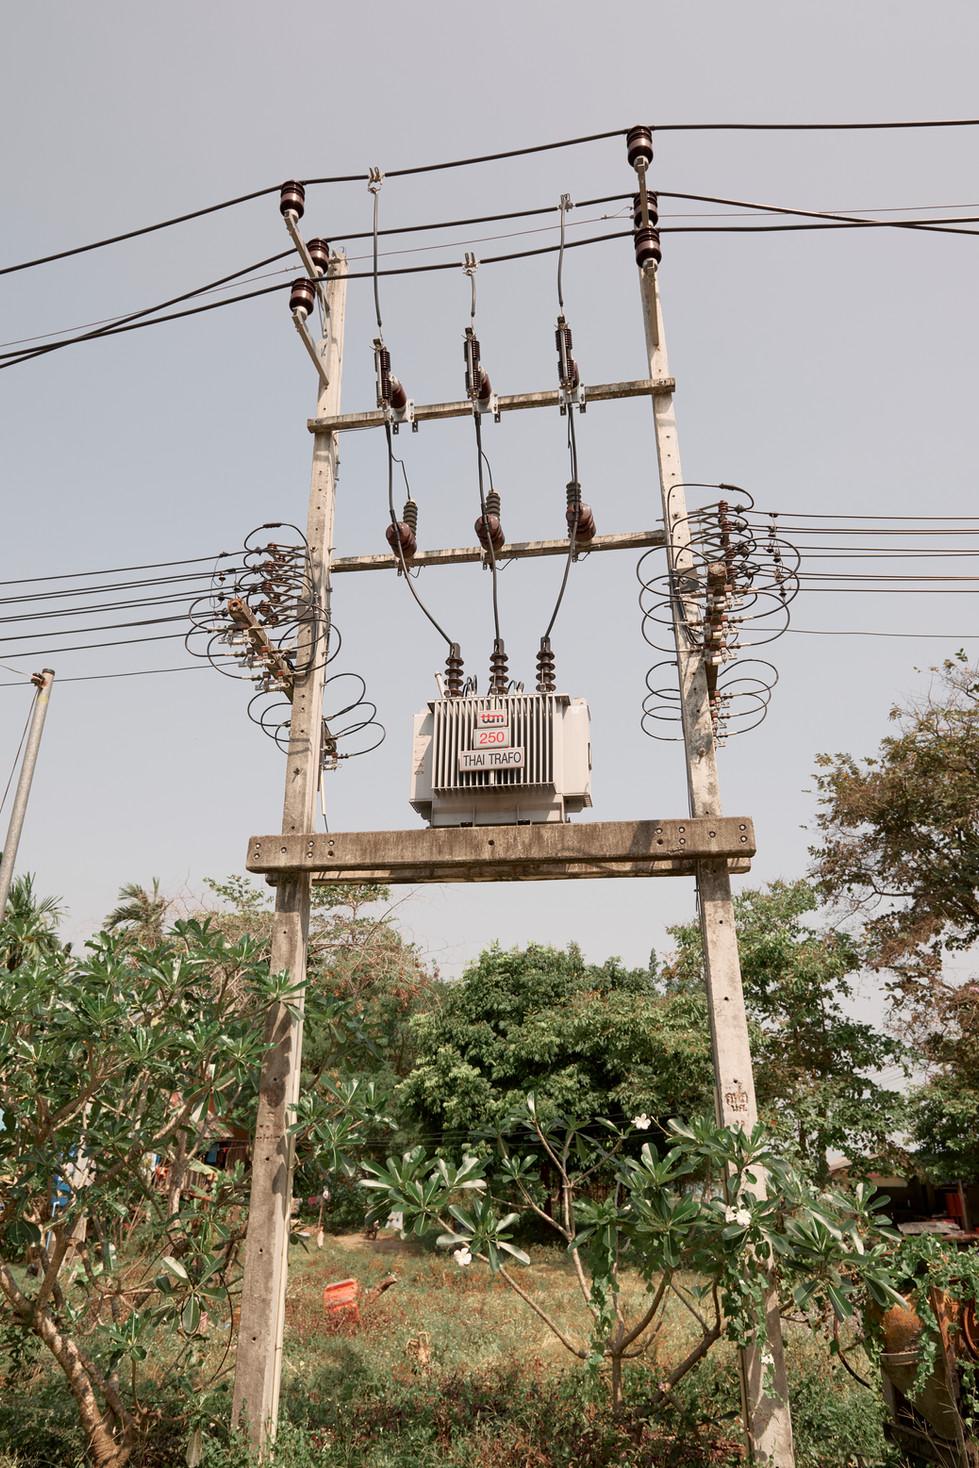 Thai Power